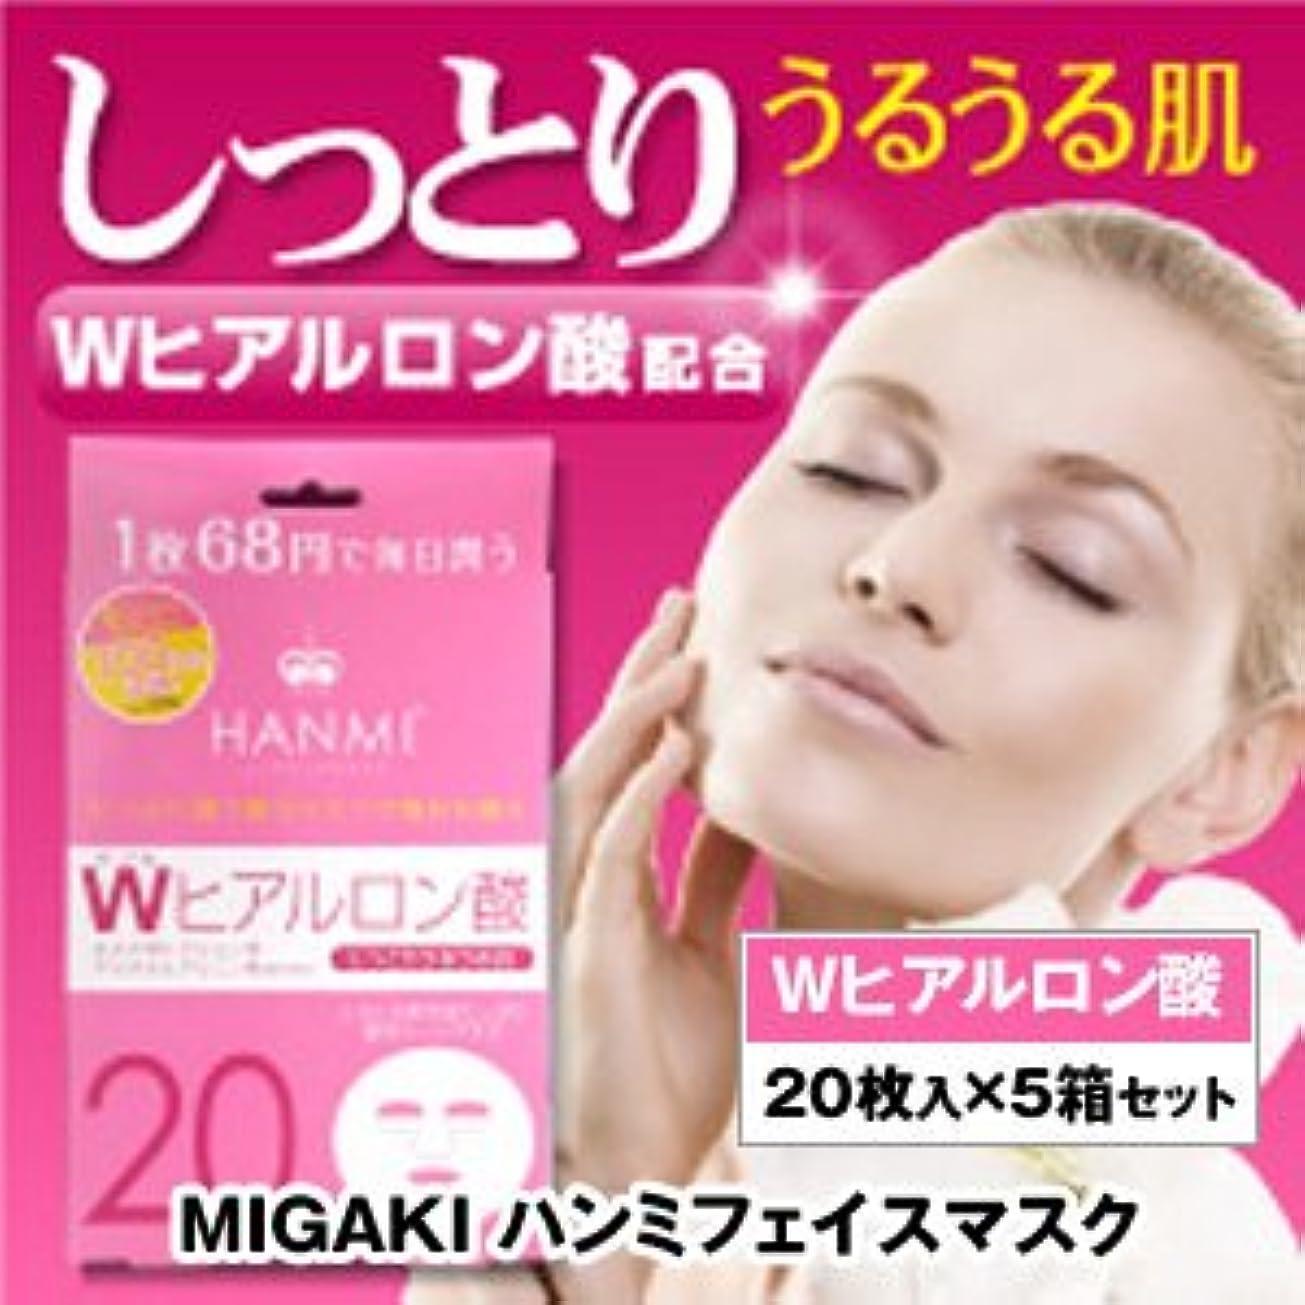 したがって閉塞悩みMIGAKI ハンミフェイスマスク Wヒアルロン酸 5箱セット